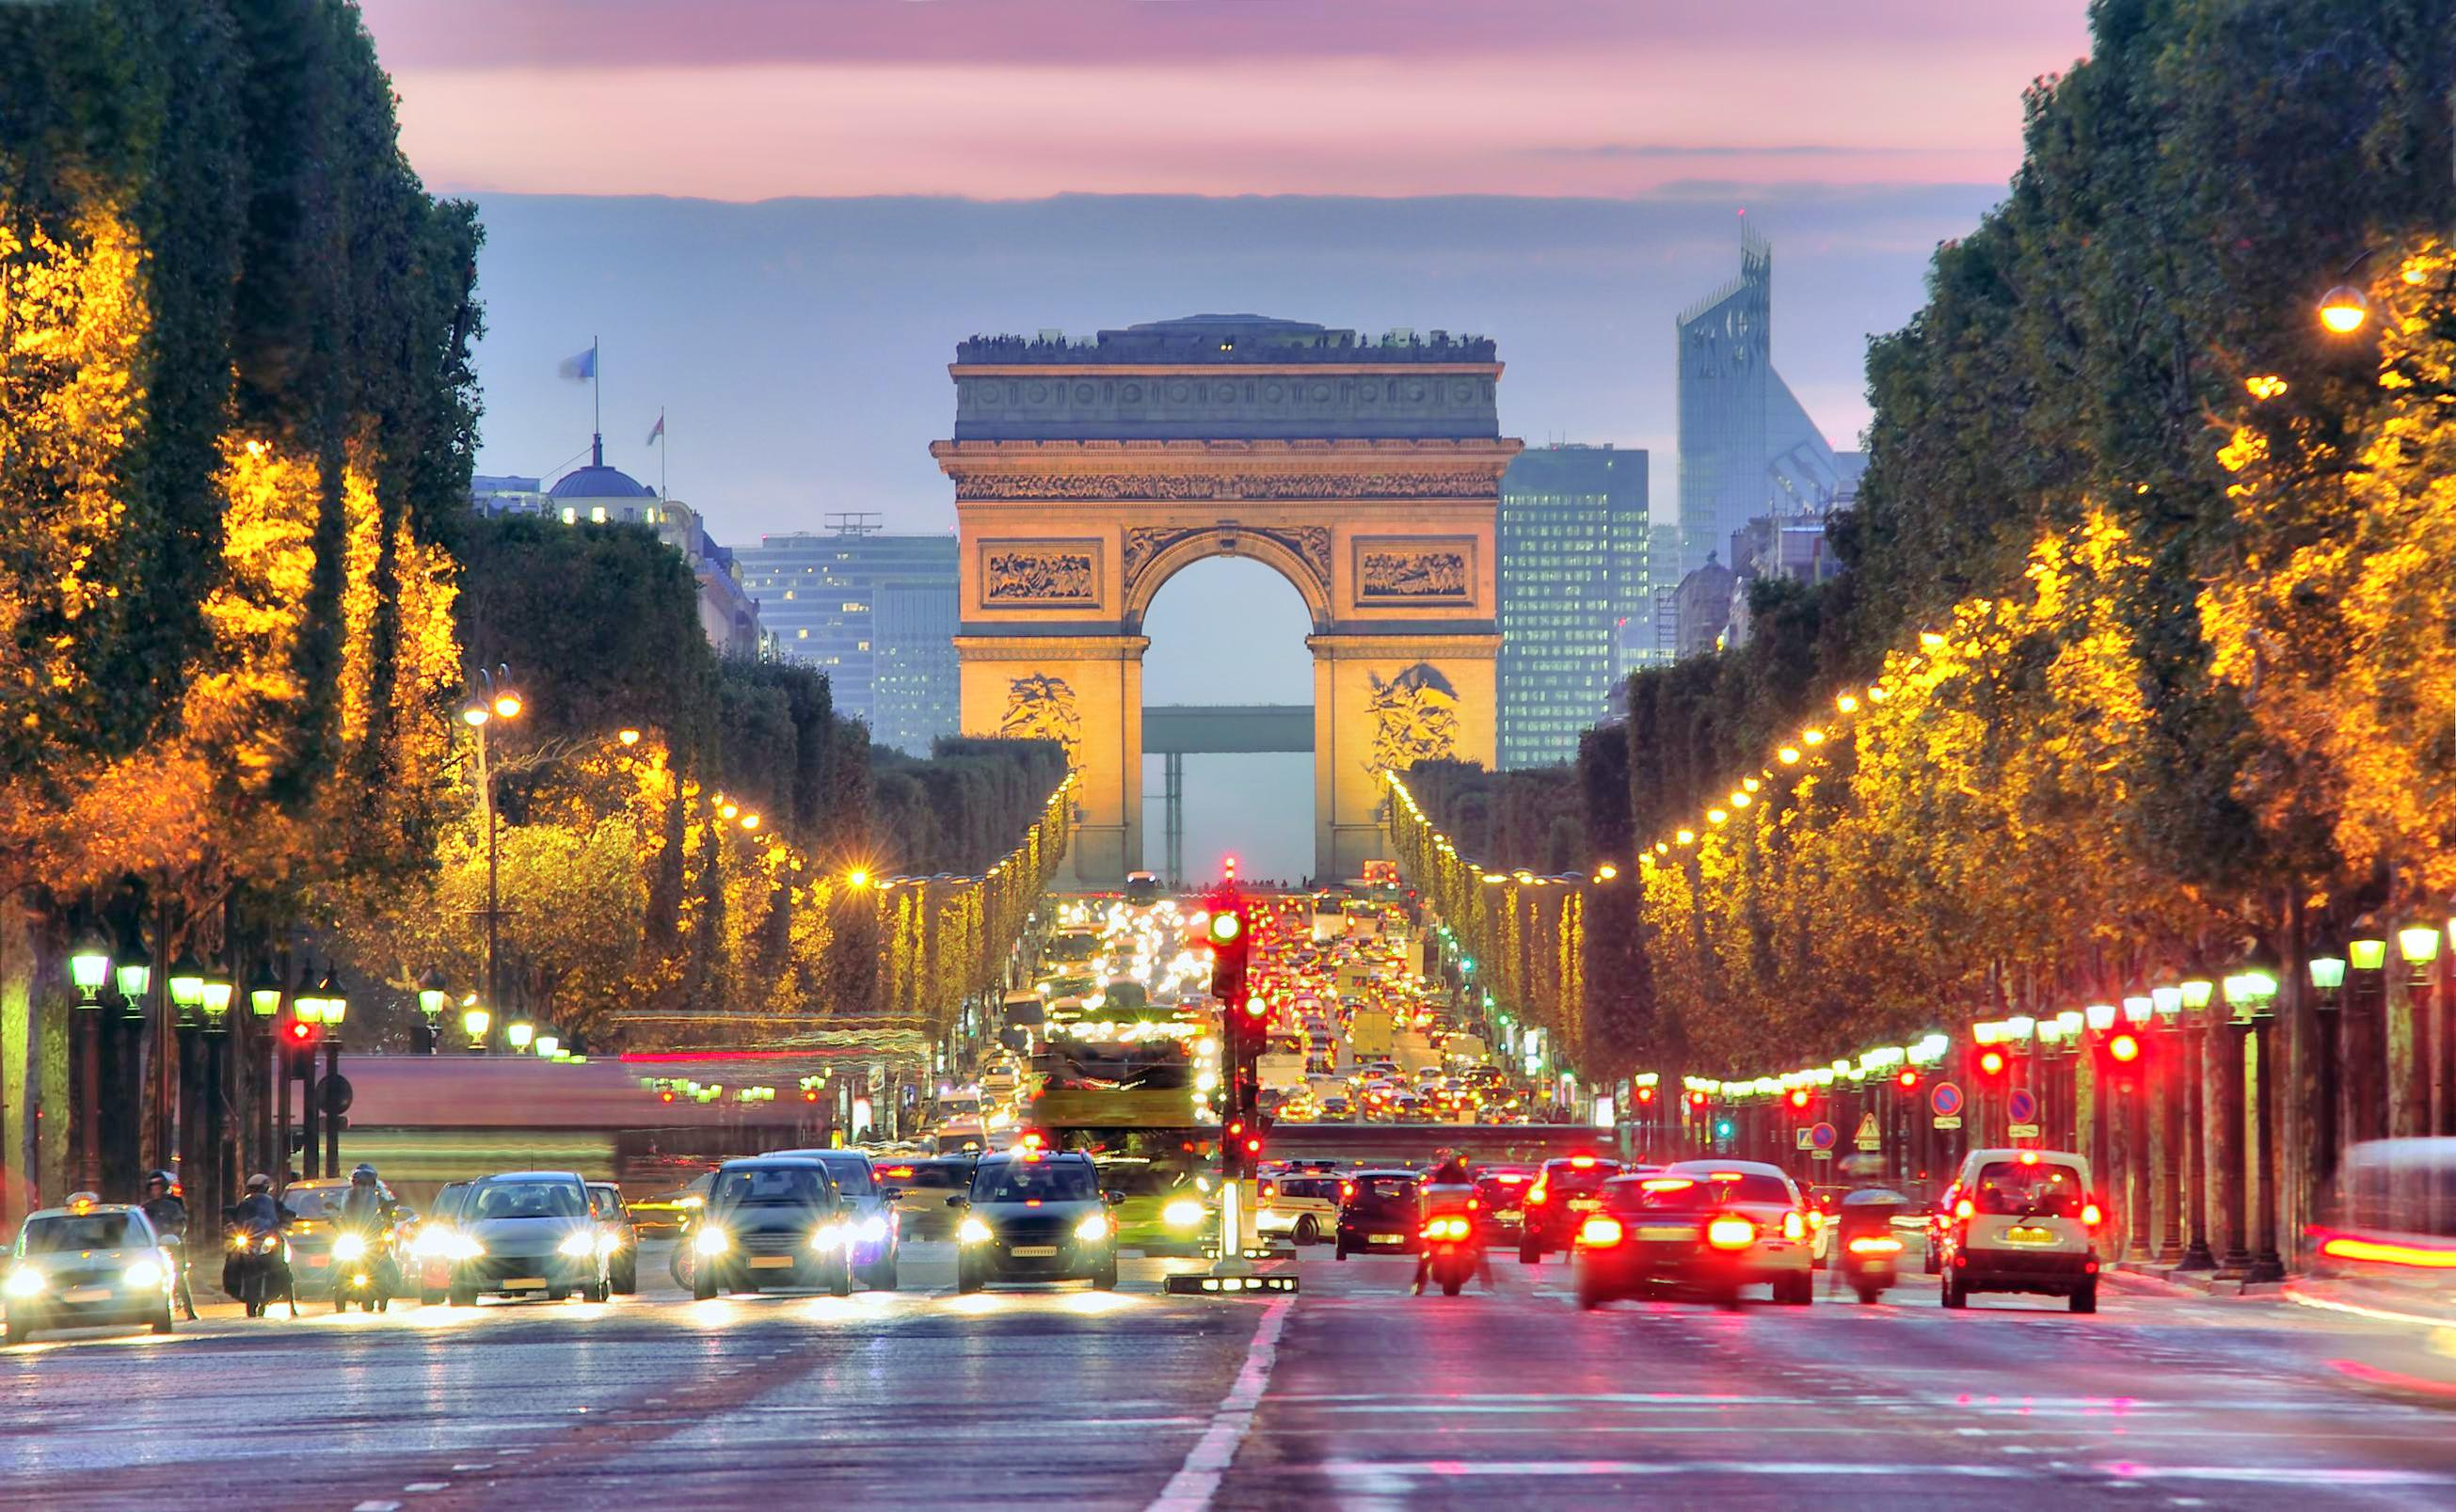 Avenue des Champs-Élysées travel guidebook –must visit attractions in Paris  – Avenue des Champs-Élysées nearby recommendation – Trip.com